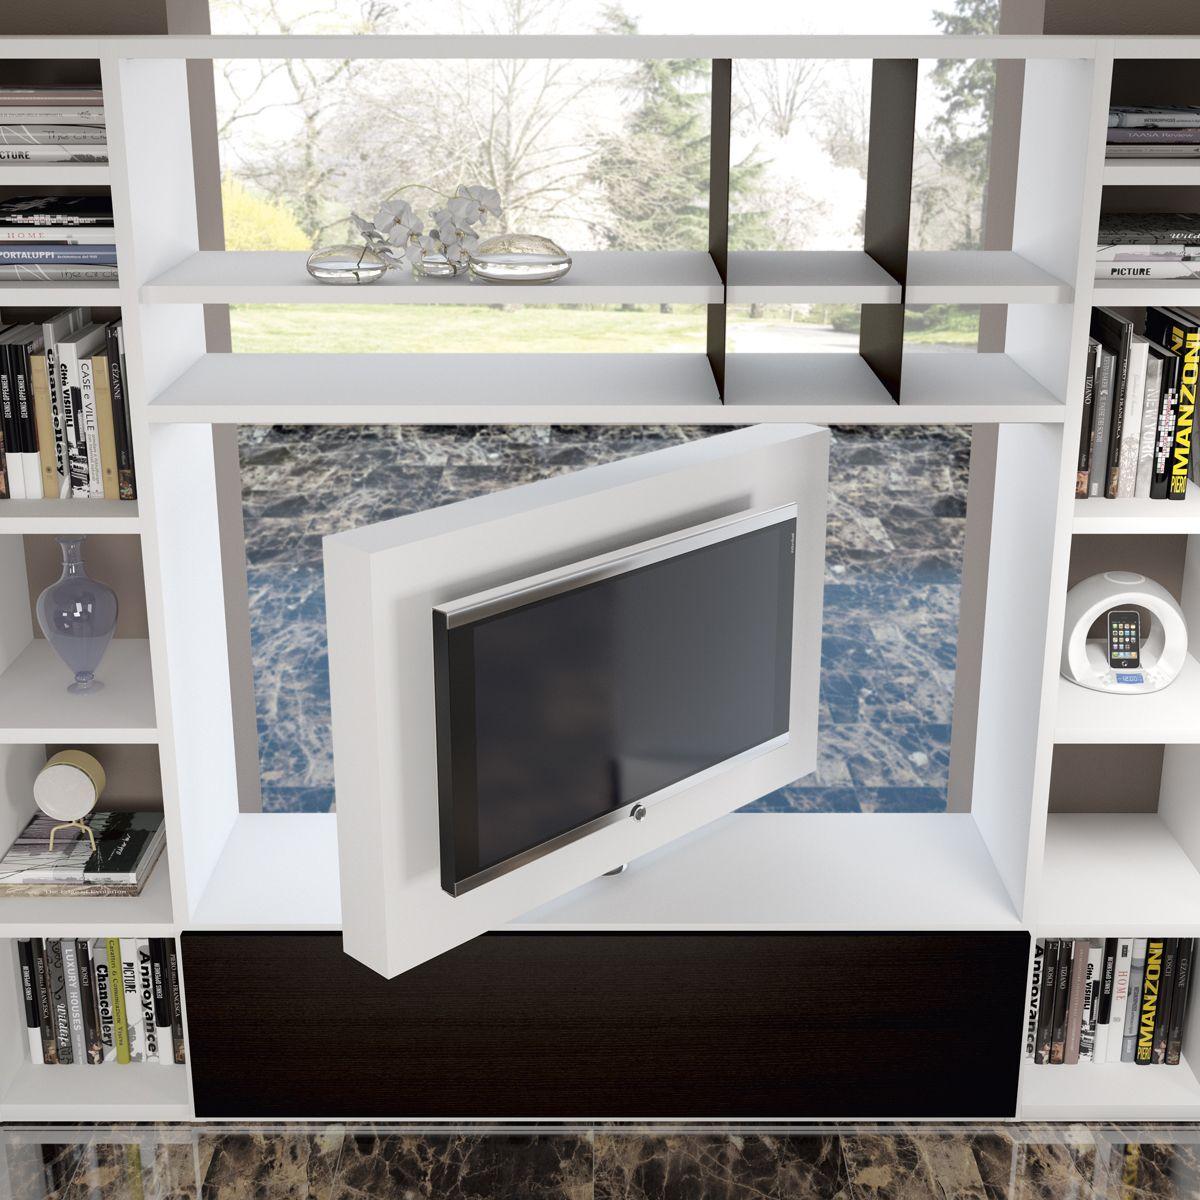 Porta Tv Girevole 360.Porta Tv Girevole Orientabile Free View 360 Mood Dettaglio